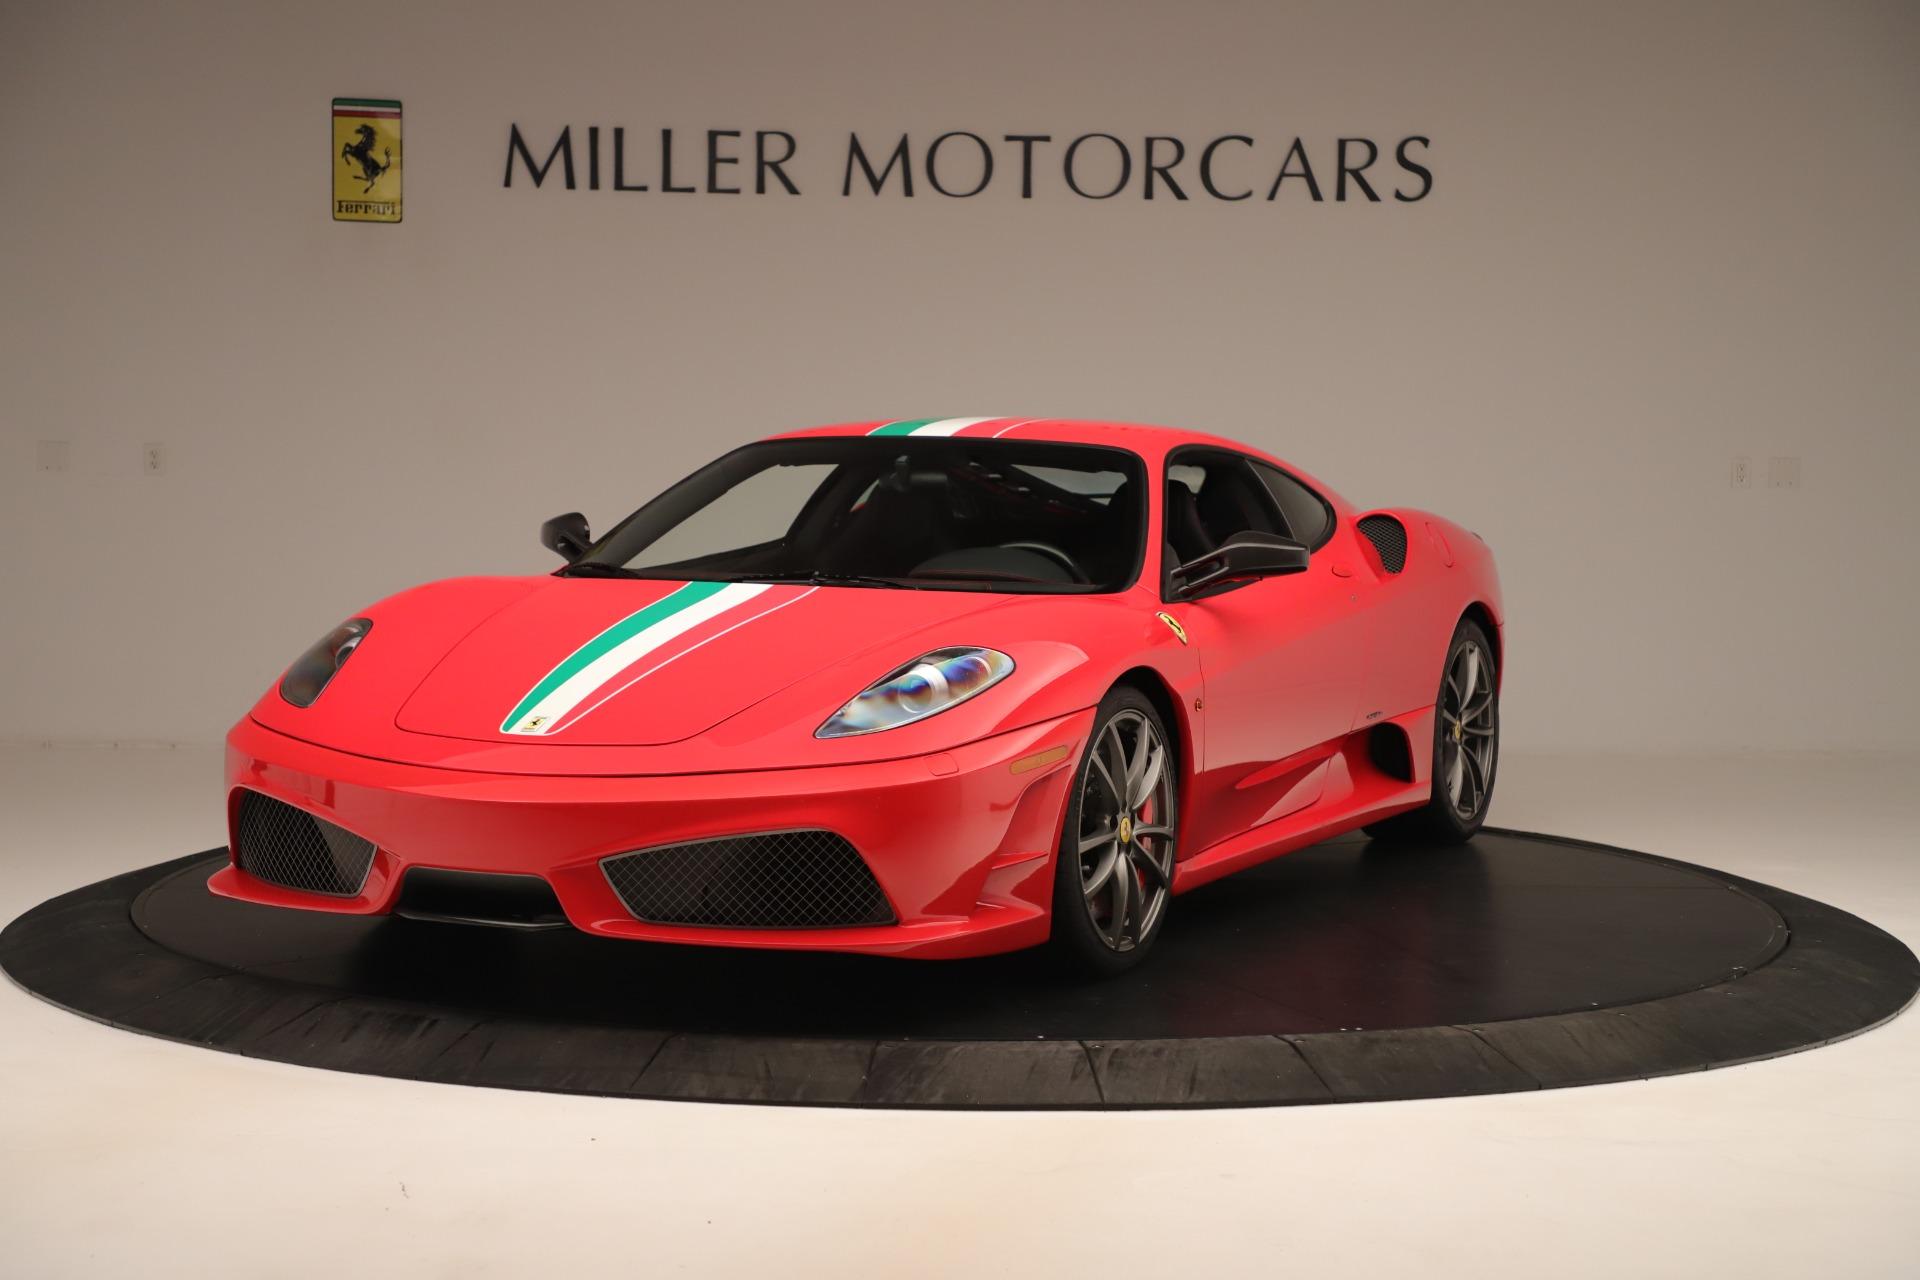 Used 2008 Ferrari F430 Scuderia For Sale In Greenwich, CT 3381_main